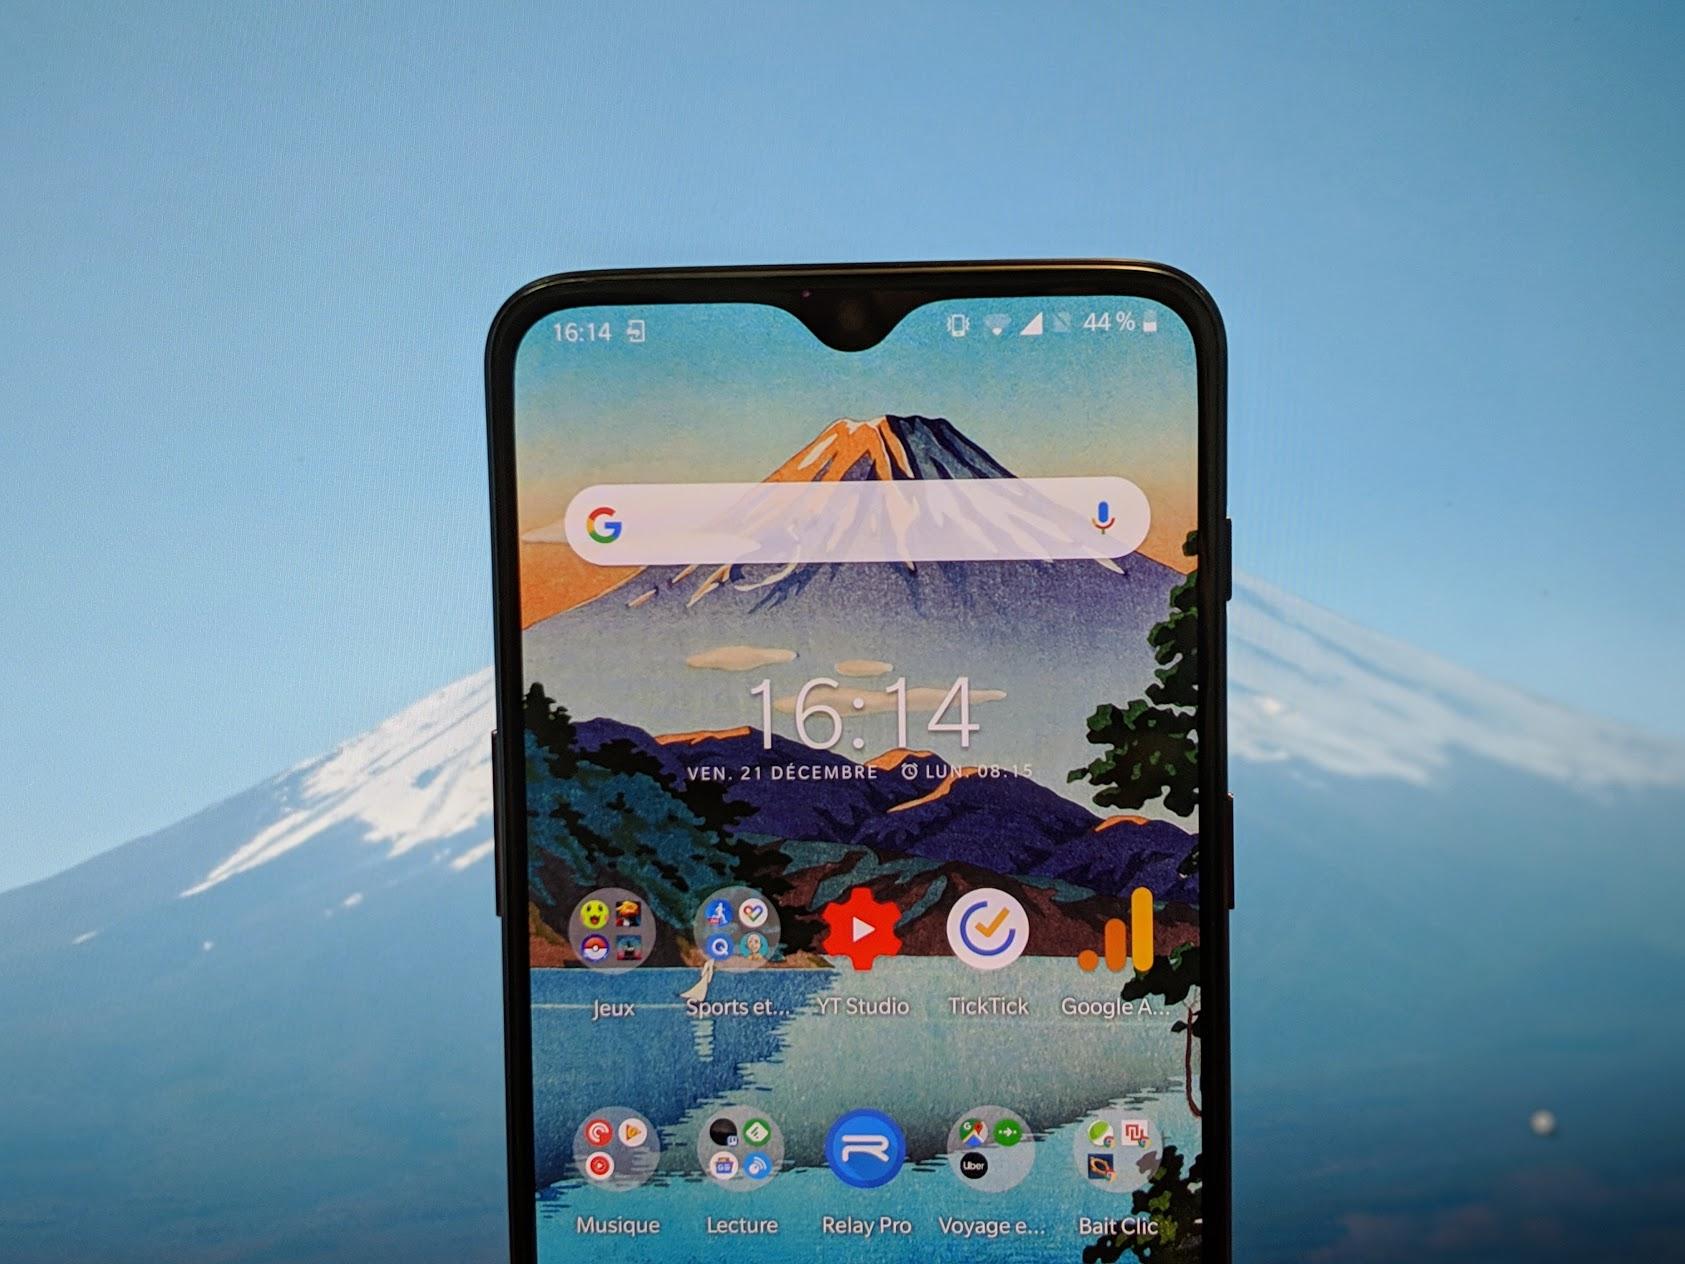 L'app de la semaine : mon smartphone ressemble à une estampe japonaise et c'est super classe